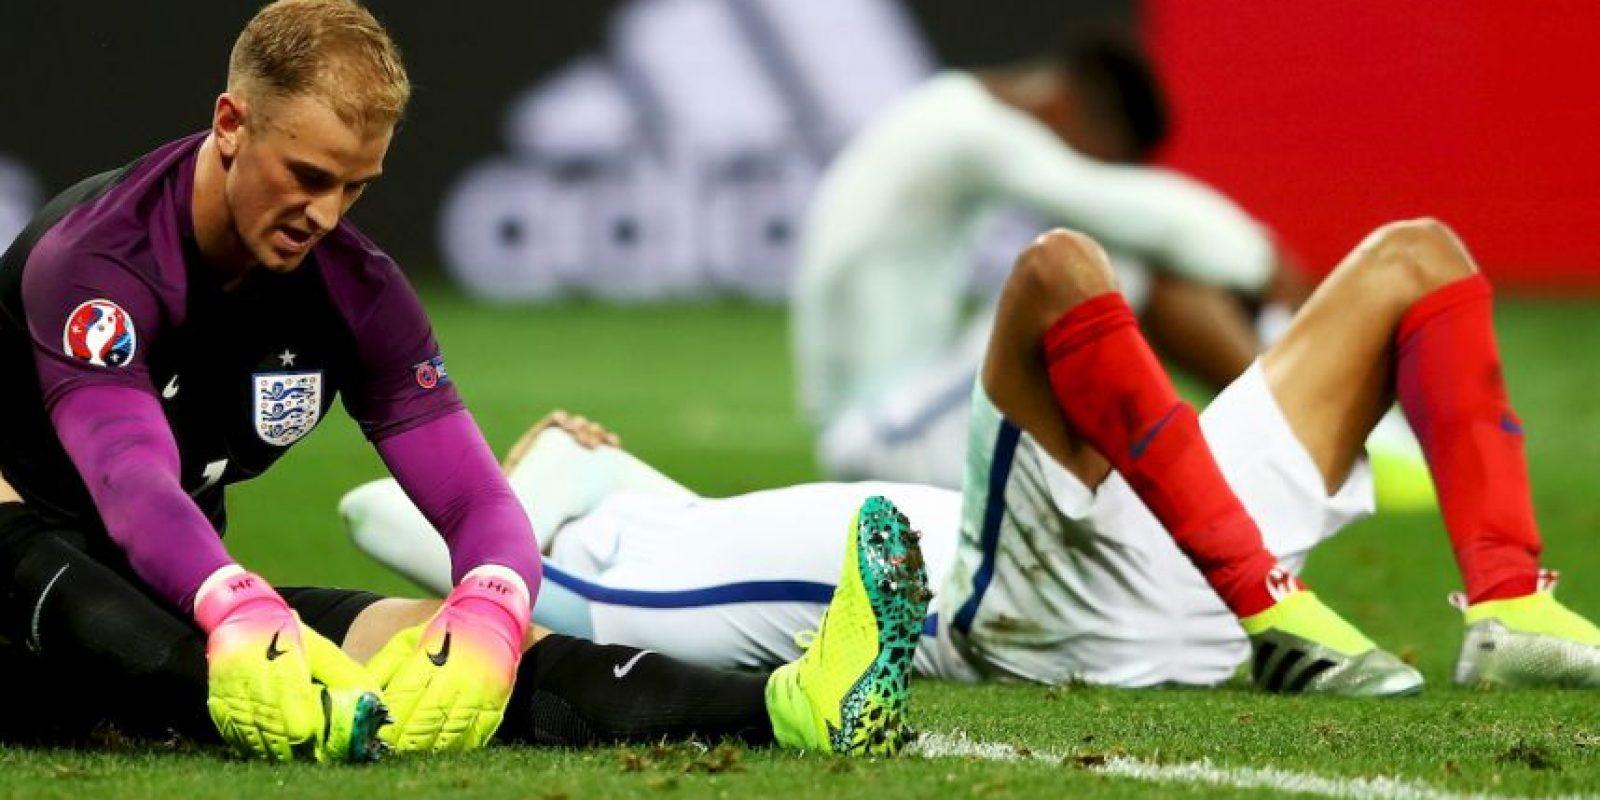 Los ingleses fueron sorprendidos por la sorprendente selección debutante, lo que provocó la rabia de la prensa inglesa Foto:Getty Images